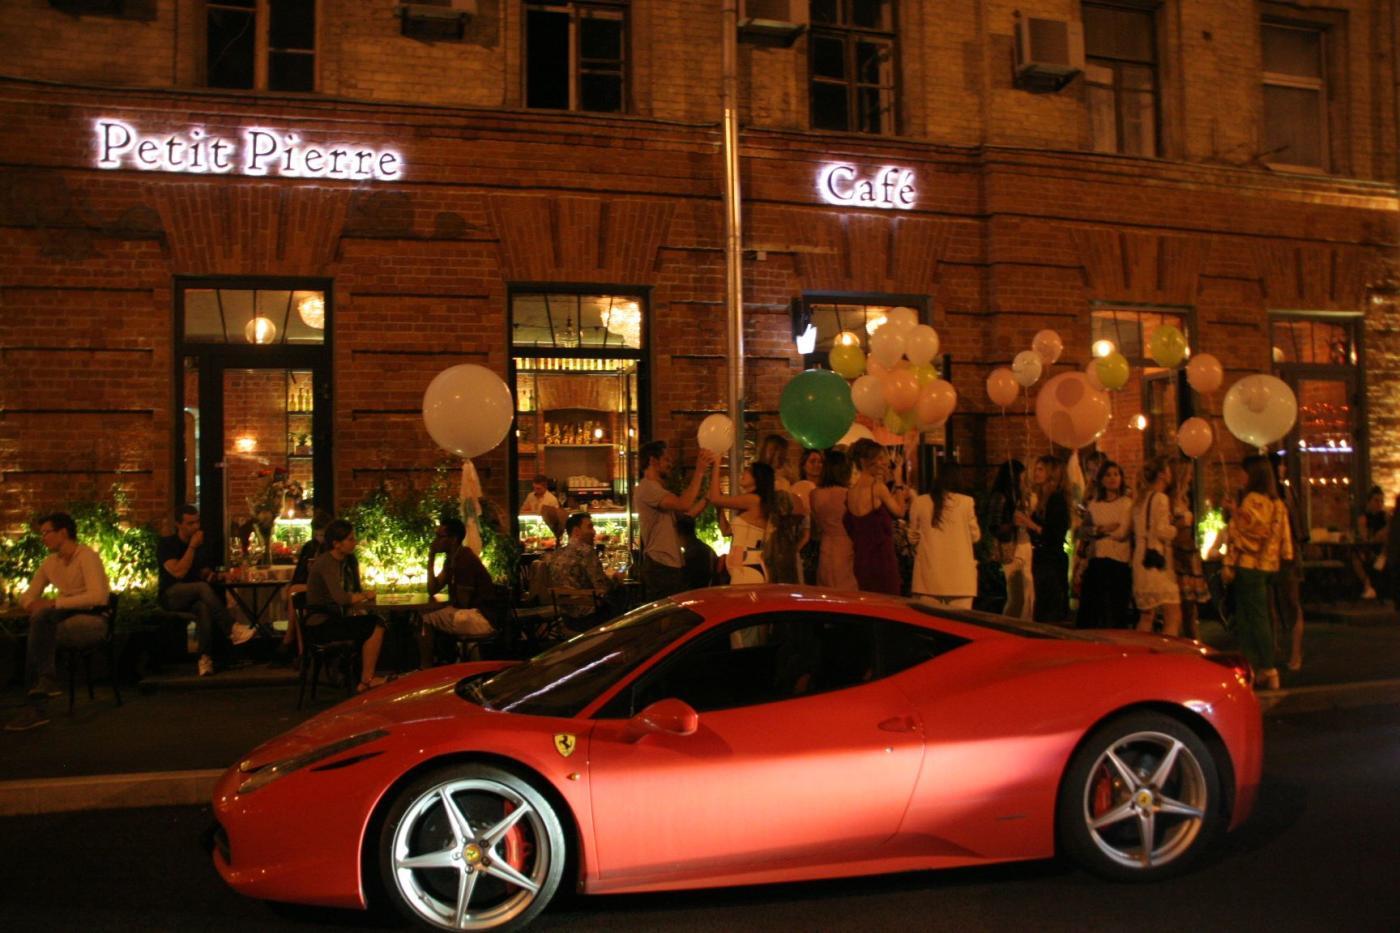 Ресторан Peter Cafe Пречистенская набережная (Petit Pierre Cafe) фото 34